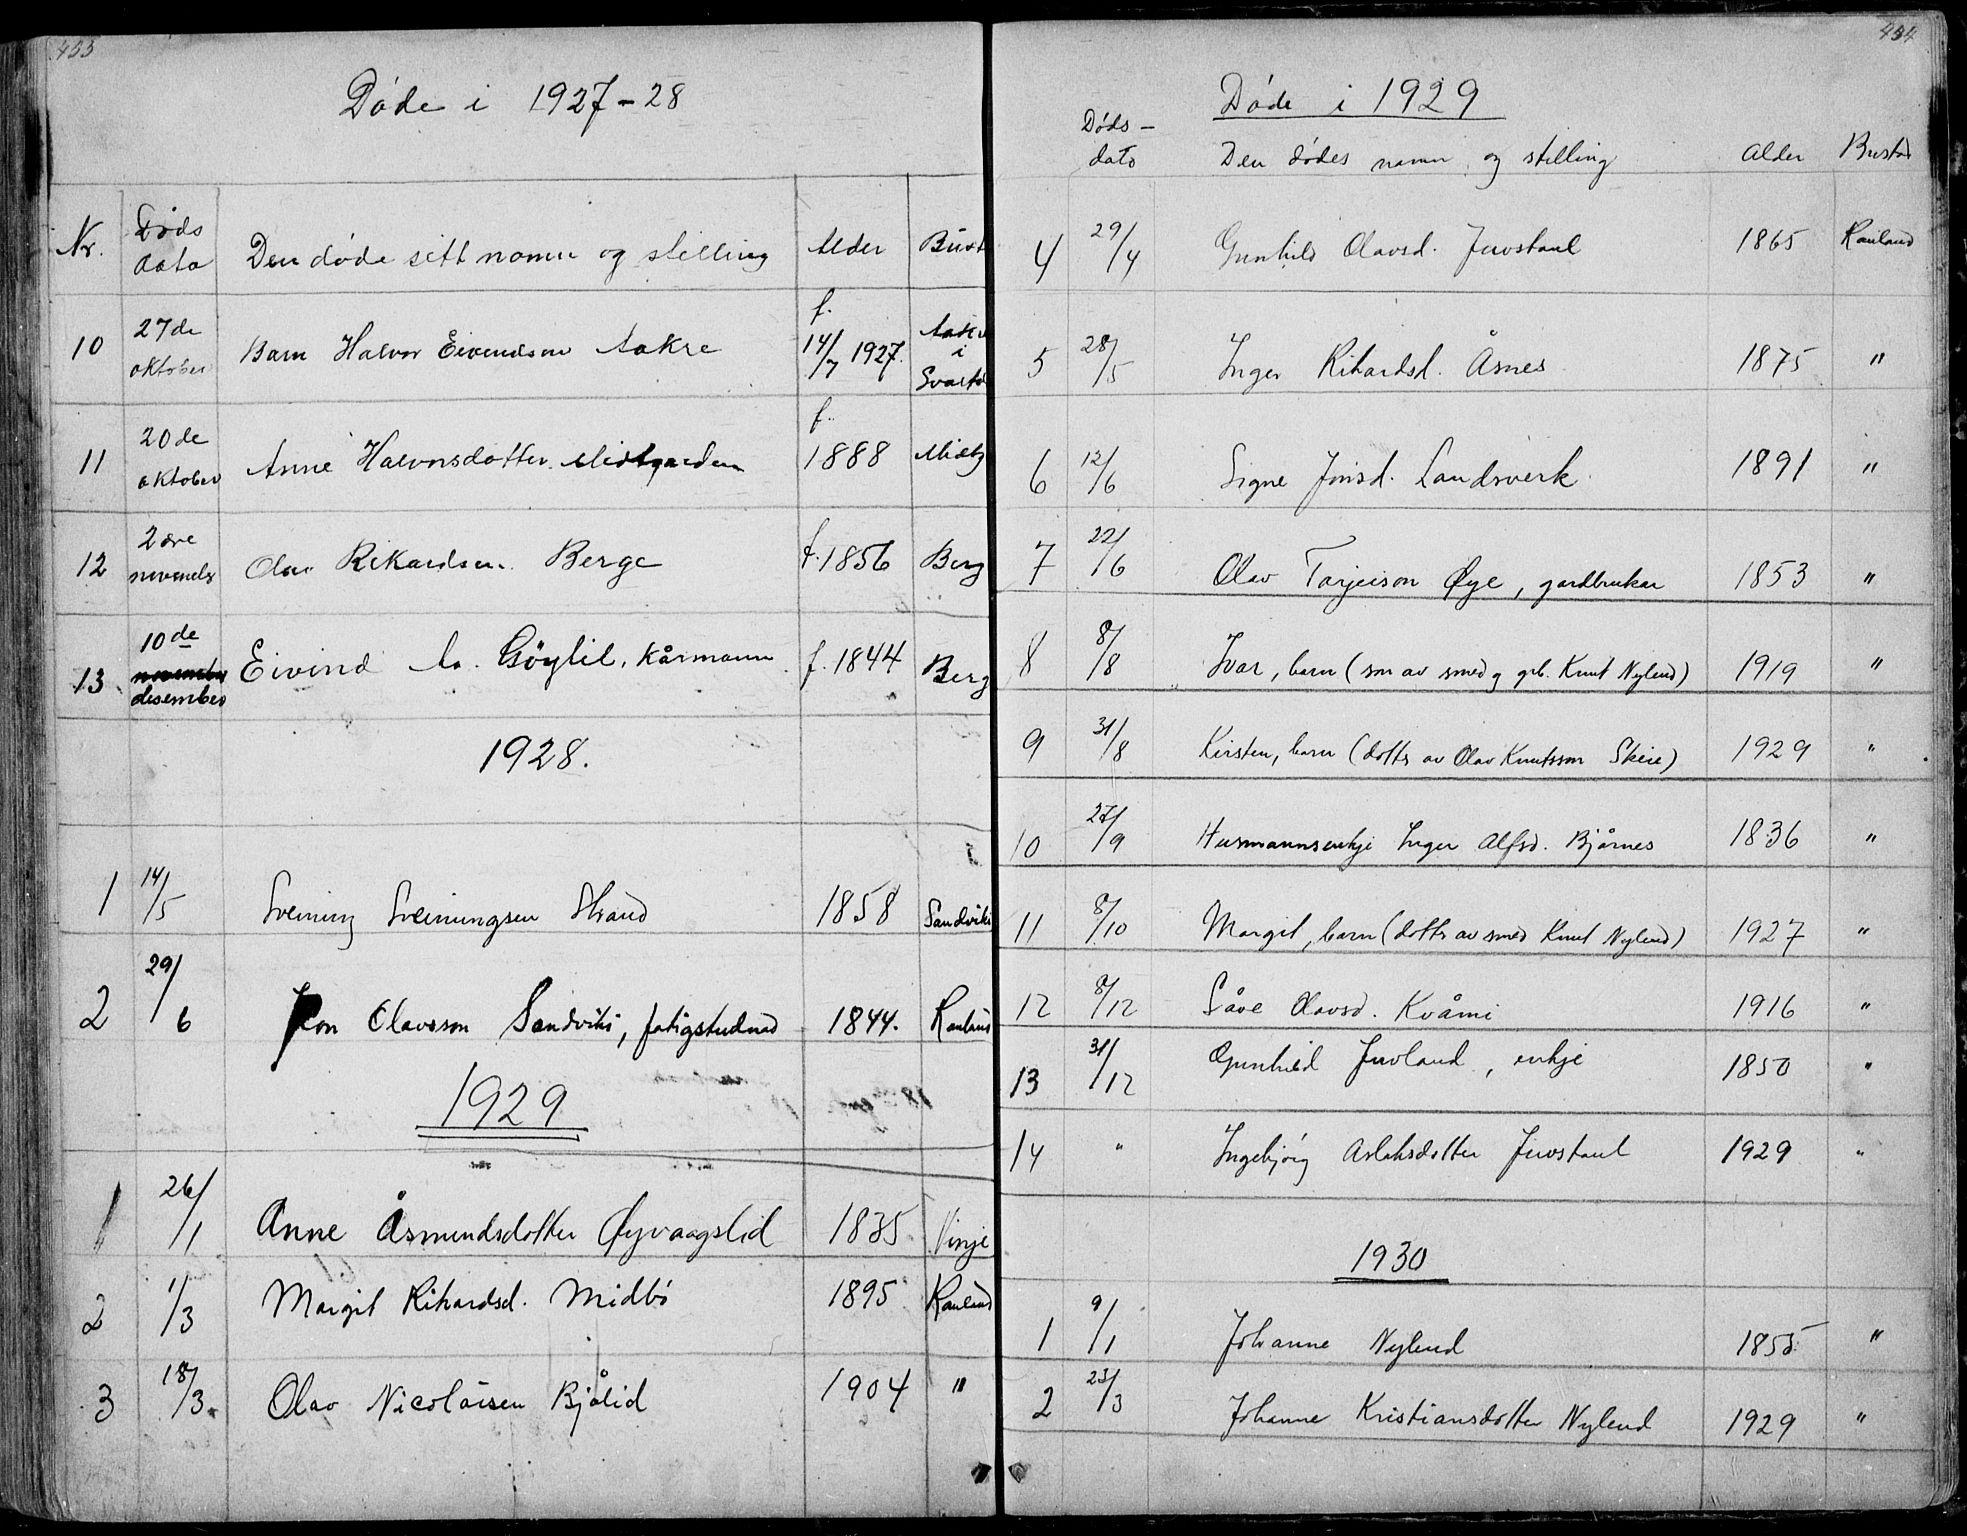 SAKO, Rauland kirkebøker, G/Ga/L0002: Klokkerbok nr. I 2, 1849-1935, s. 453-454